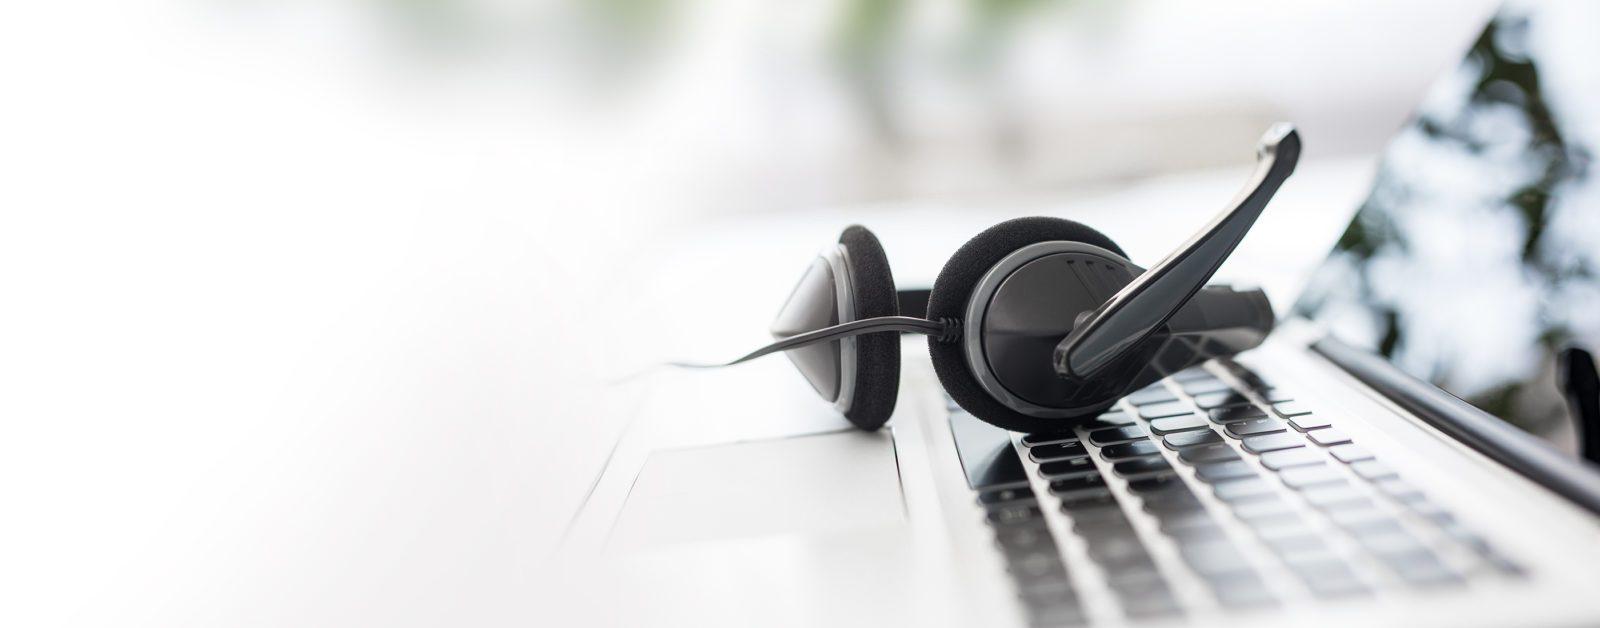 OWA Header Techberatung, Kopfhörer auf Laptop